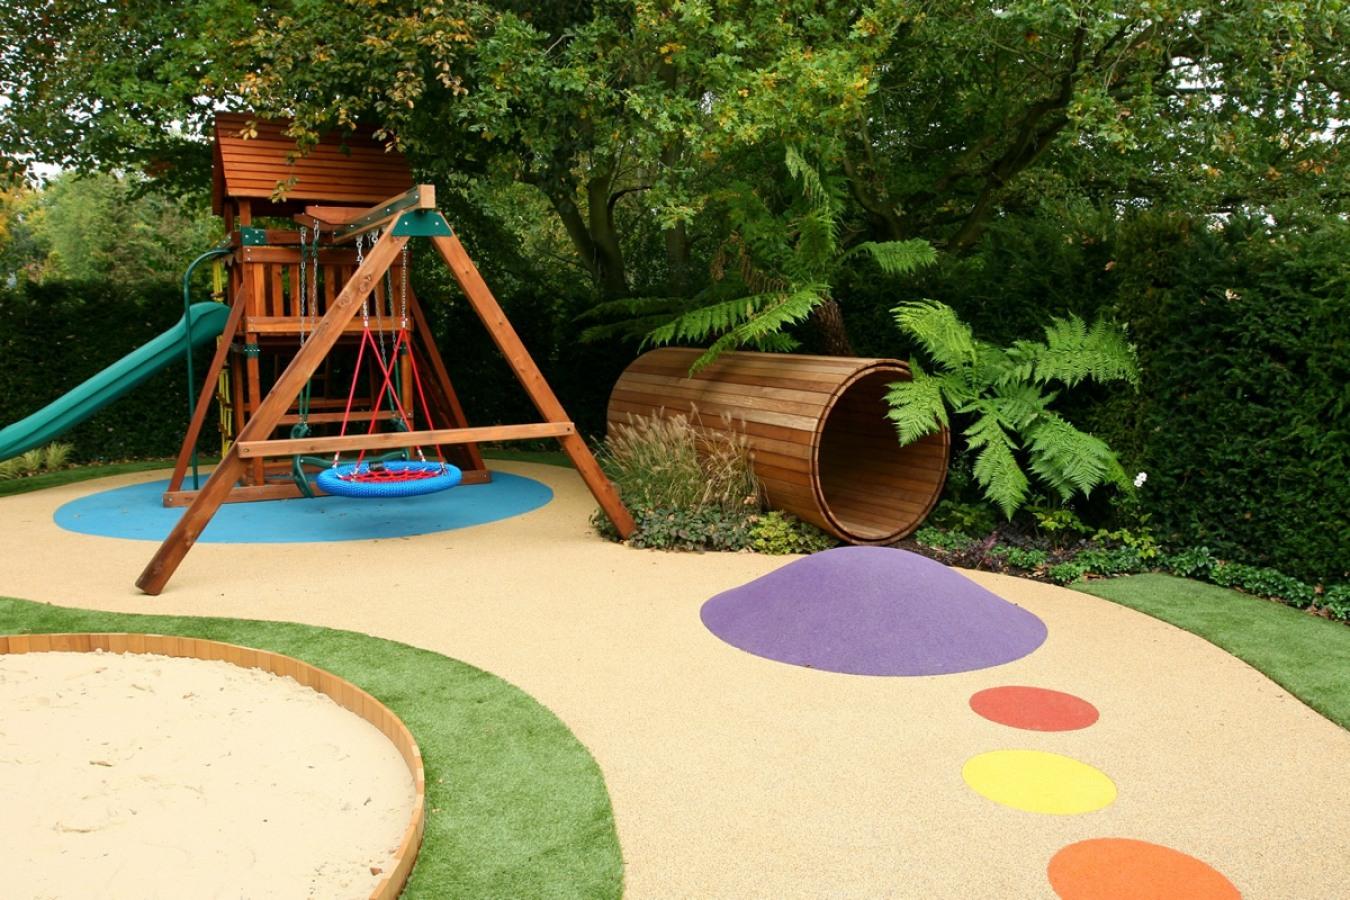 Строительство детских площадок. Детские площадки на участке